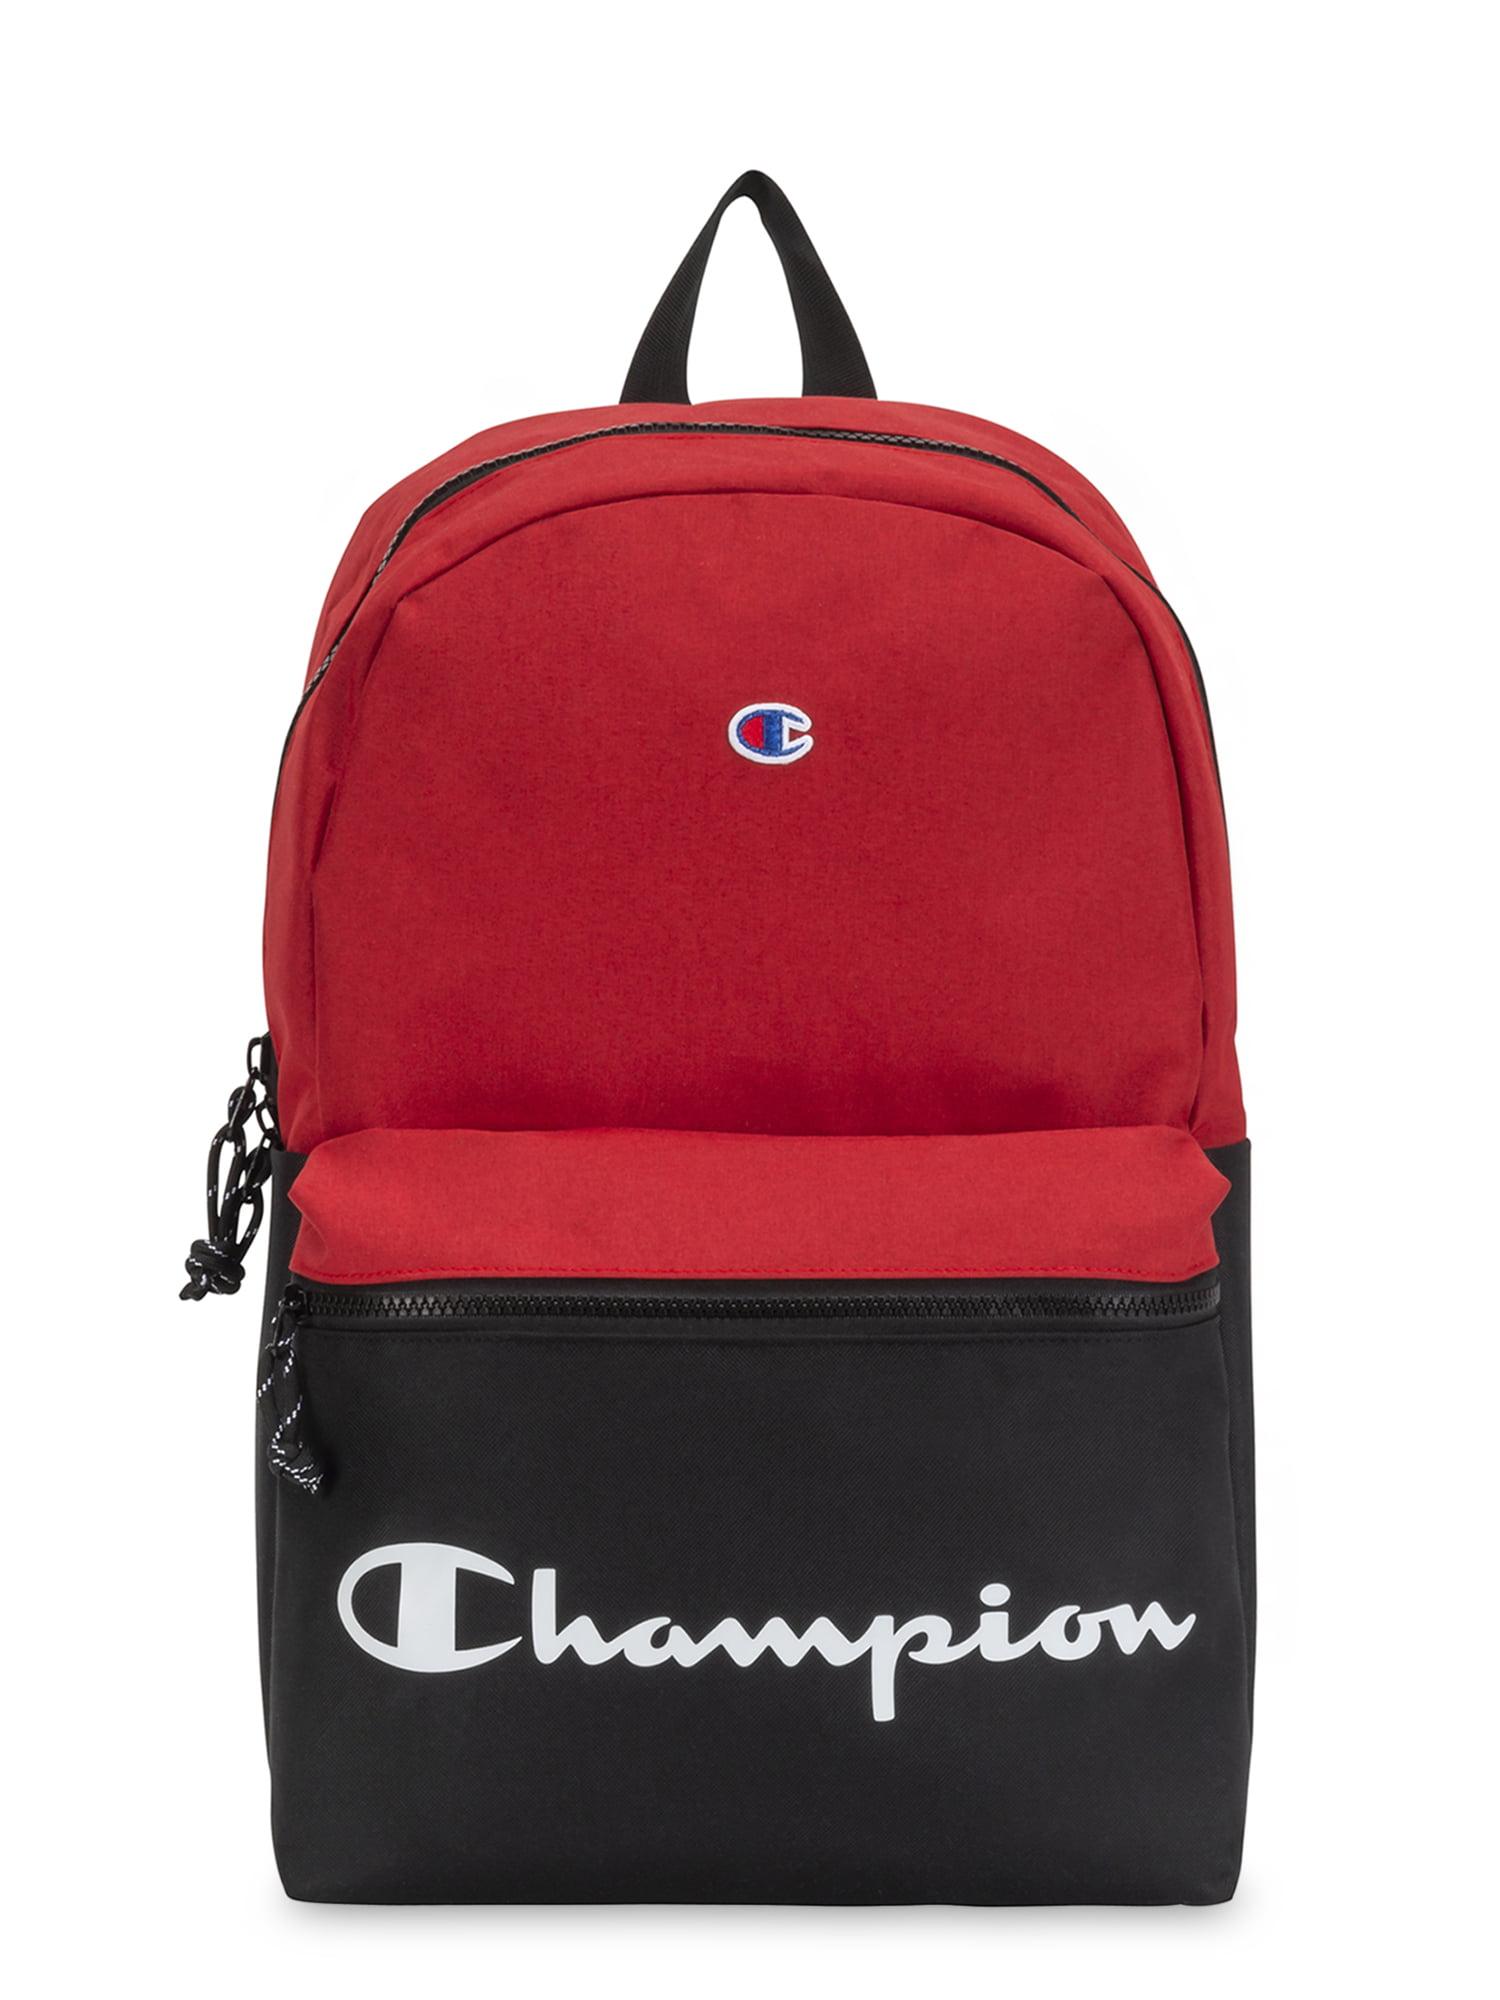 Spider man back to back OEM oxford Backpack Shoulder Bag 2 size L376 BAG